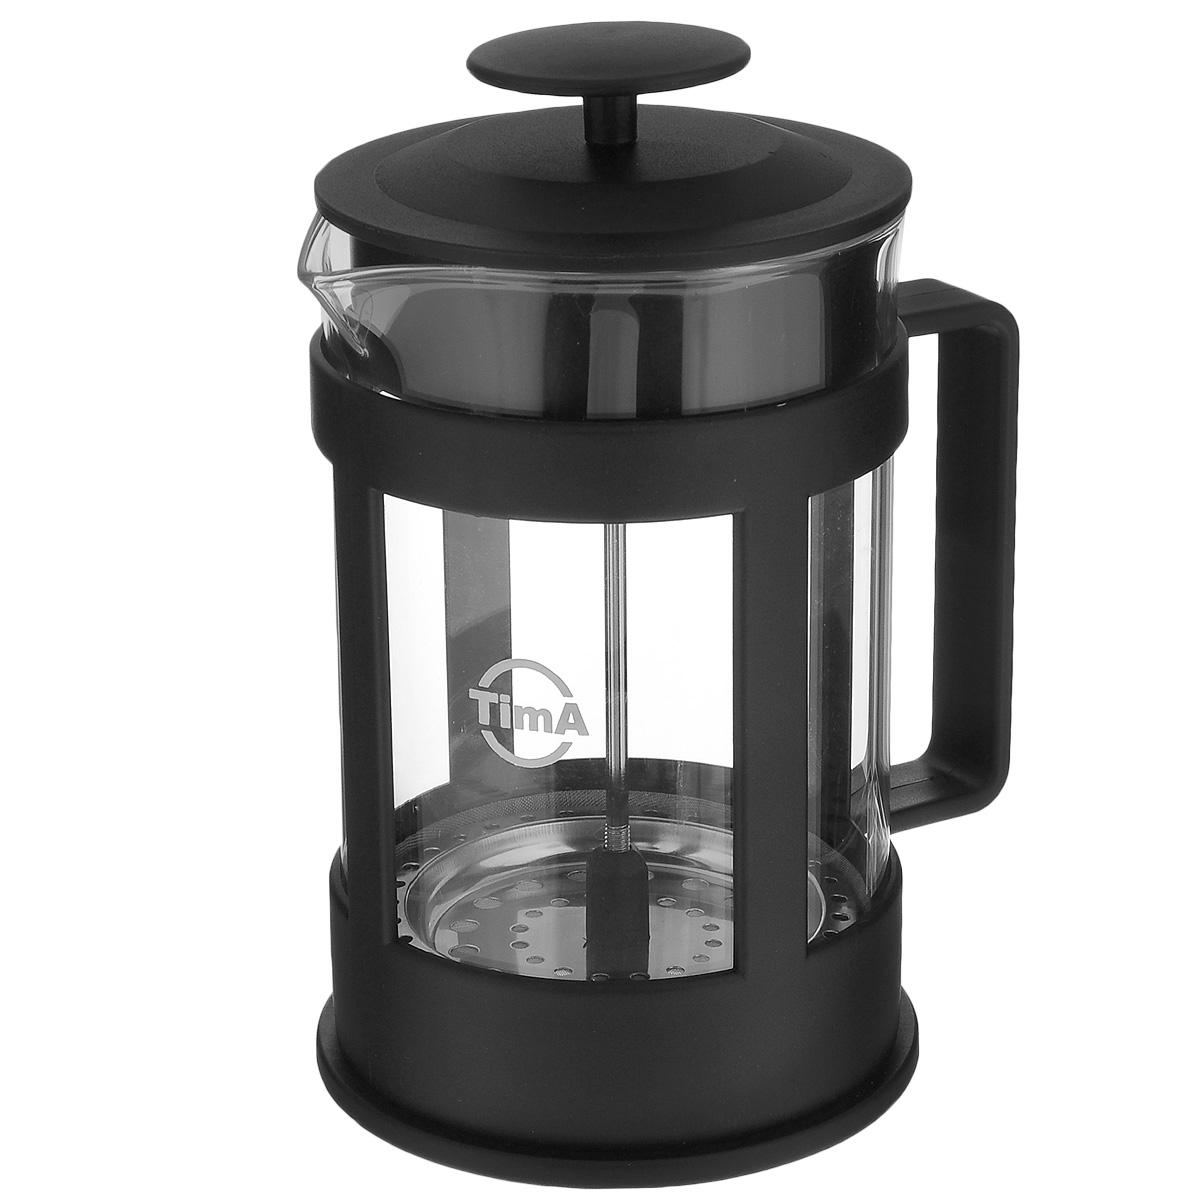 Френч-пресс TimA Марципан, 1 л9987BH сиреневыйФренч-пресс TimA Марципан, изготовленный из жаропрочного стекла ивысококачественного пластика, это совершенный чайник для ежедневногоиспользования. Изделие с плотной крышкой и удобной ручкой имеет специальныйпоршень с фильтром из нержавеющей стали для отделения чайных листьев отводы. После заваривания чая фильтр не надо вынимать. Заваривание чая - это приятное и легкое занятие. Френч-пресс TimA Марципанзаймет достойное место на вашей кухне.Нельзя мыть в посудомоечной машине. Объем: 1 л. Диаметр (по верхнему краю): 10 см. Высота (без учета крышки): 18,5 см.